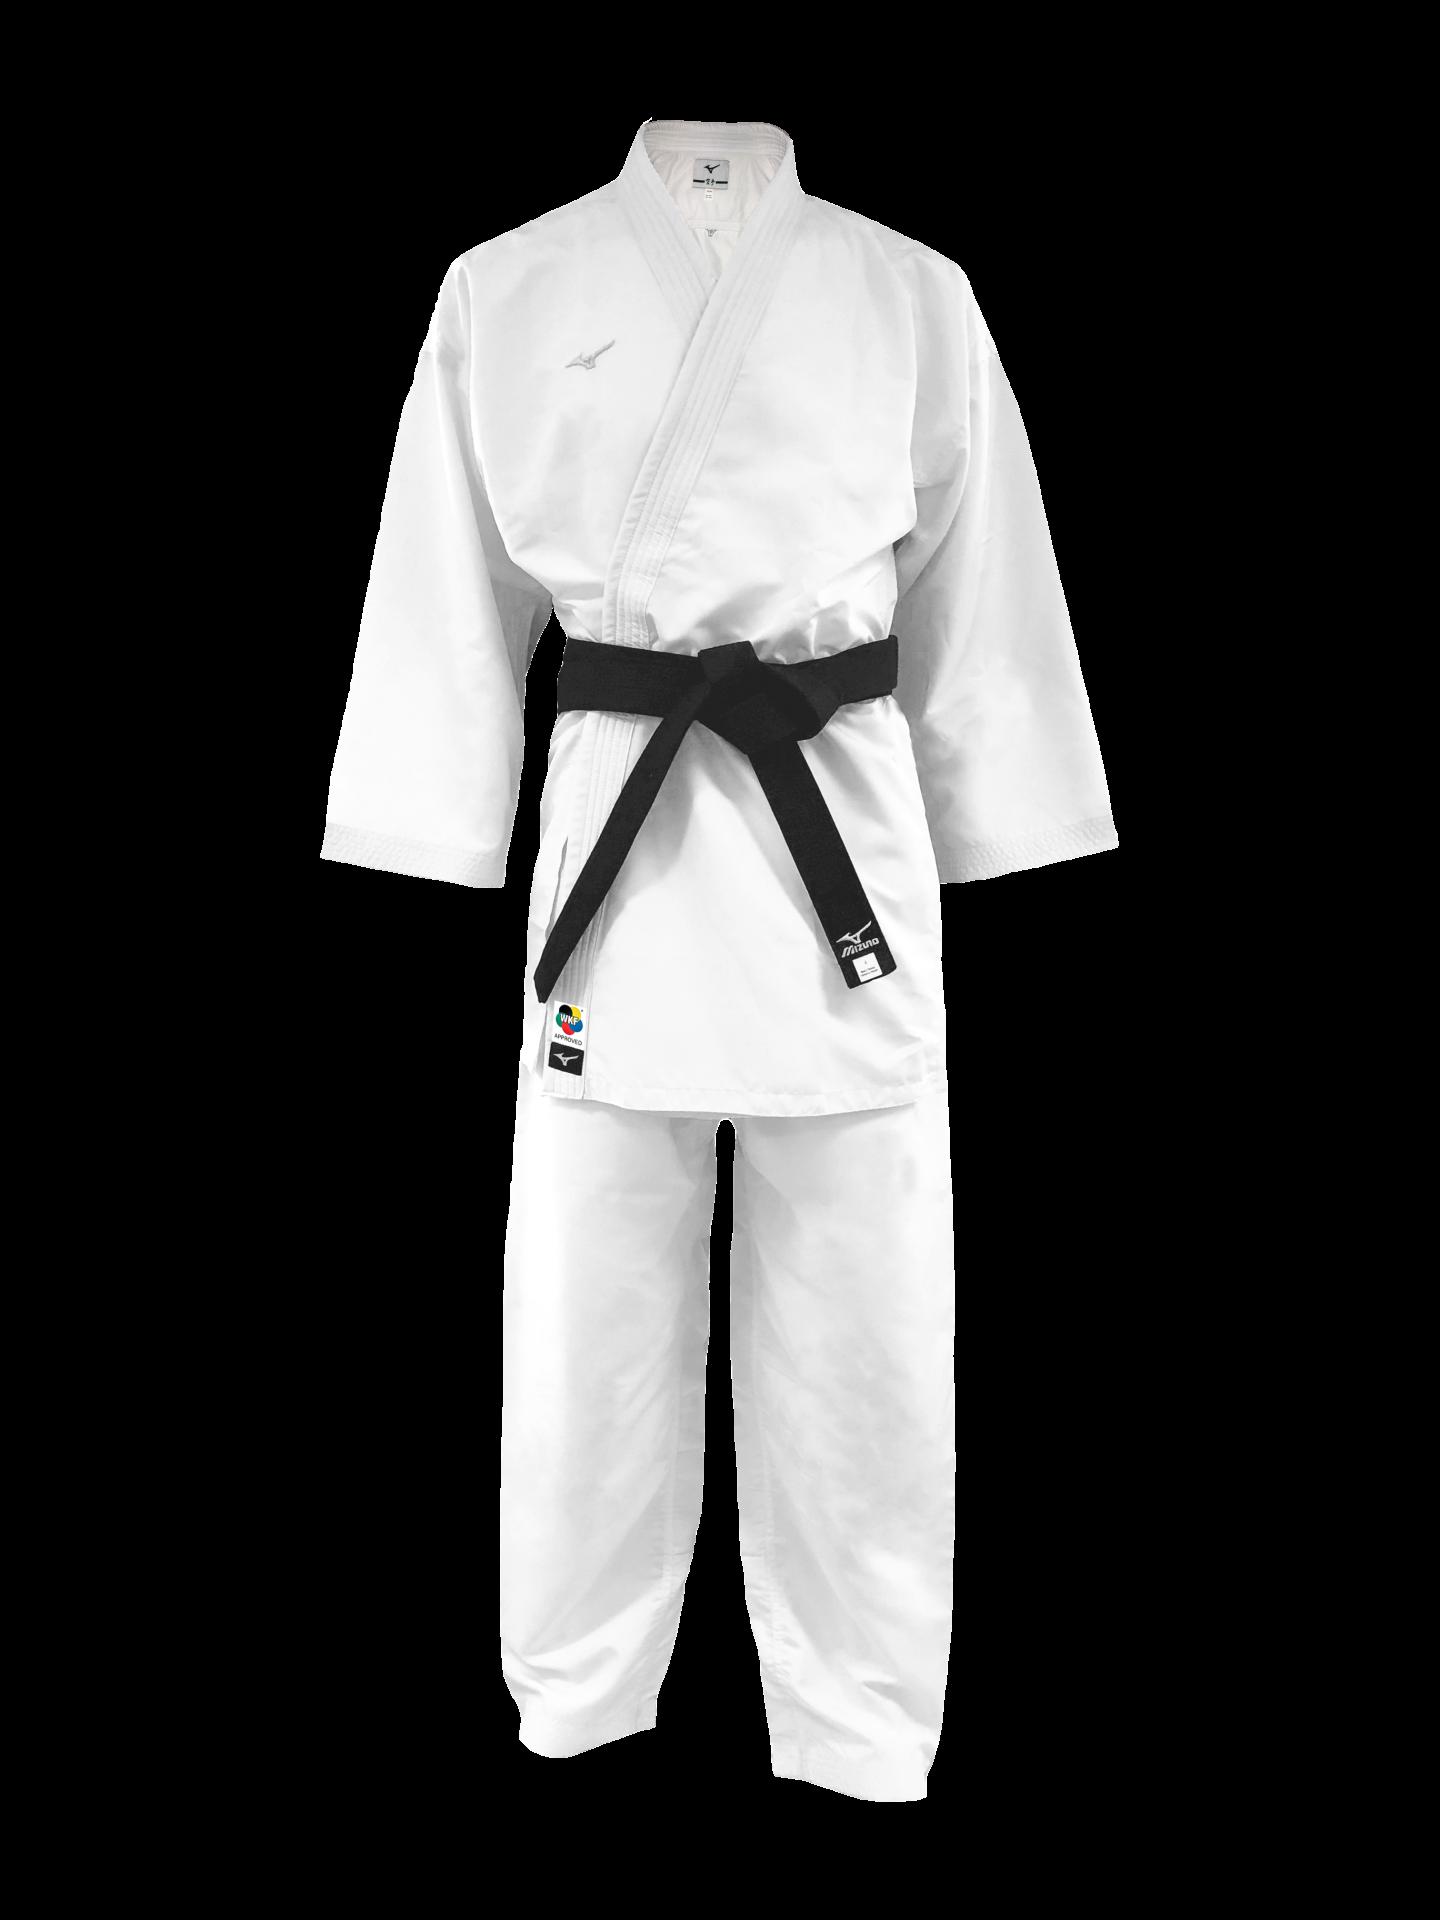 Kimono karate toshi